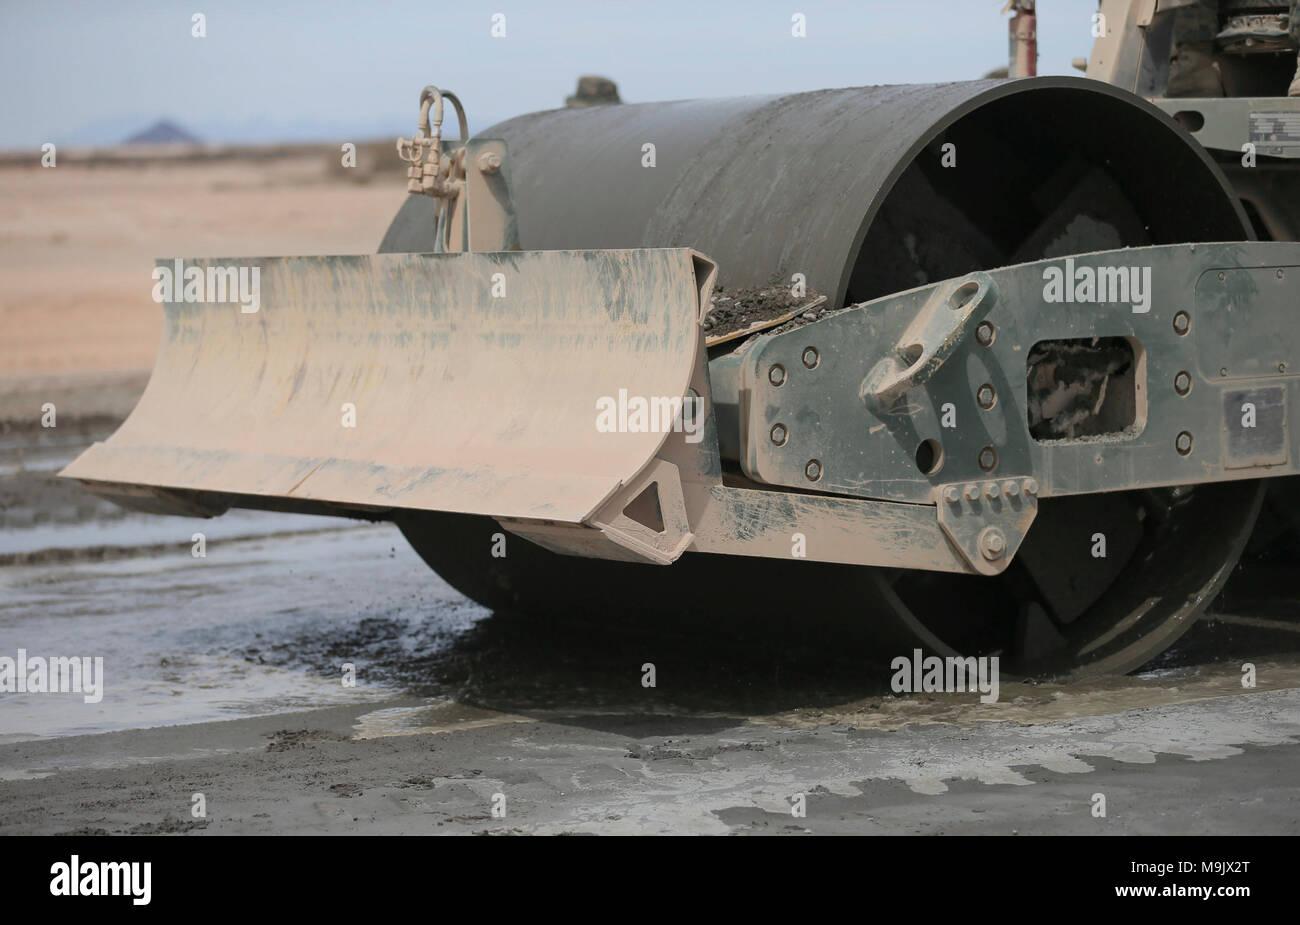 Cuerpo de Marines de EE.UU Con el apoyo de ala Marina Squadron (MWSS) 272 compacta cemento portland durante un aeródromo expedicionaria en apoyo de mantenimiento de armas y tácticas Instructor 2-18 en el Aeródromo, Dateland STOVAL expedicionario, Arizona, el 21 de marzo. El WTI es un evento de capacitación de siete semanas organizado por la Aviación Marina Escuadrón de armas y tácticas (MAWTS) 1 cuadros, que enfatiza la integración operacional de las seis funciones de aviación del Cuerpo de Infantería de Marina en apoyo de una masa de aire marino Task Force y proporciona entrenamiento táctico avanzado estandarizado y certificación de instructor de la unidad de calificación para su Foto de stock